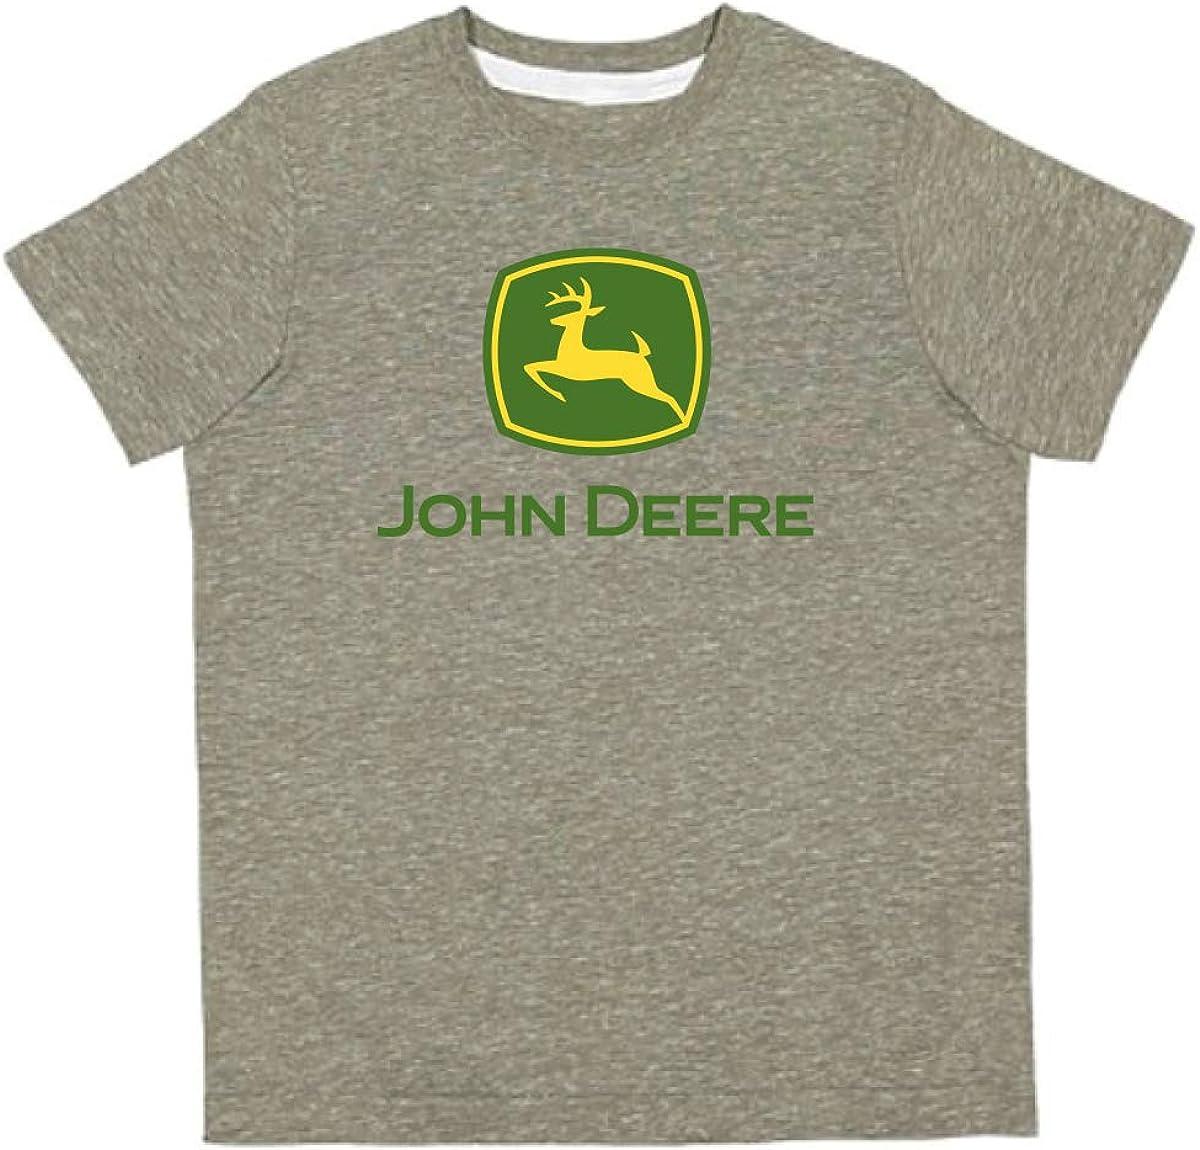 John Deere Toddler Boy Short Sleeve Jersey Tee